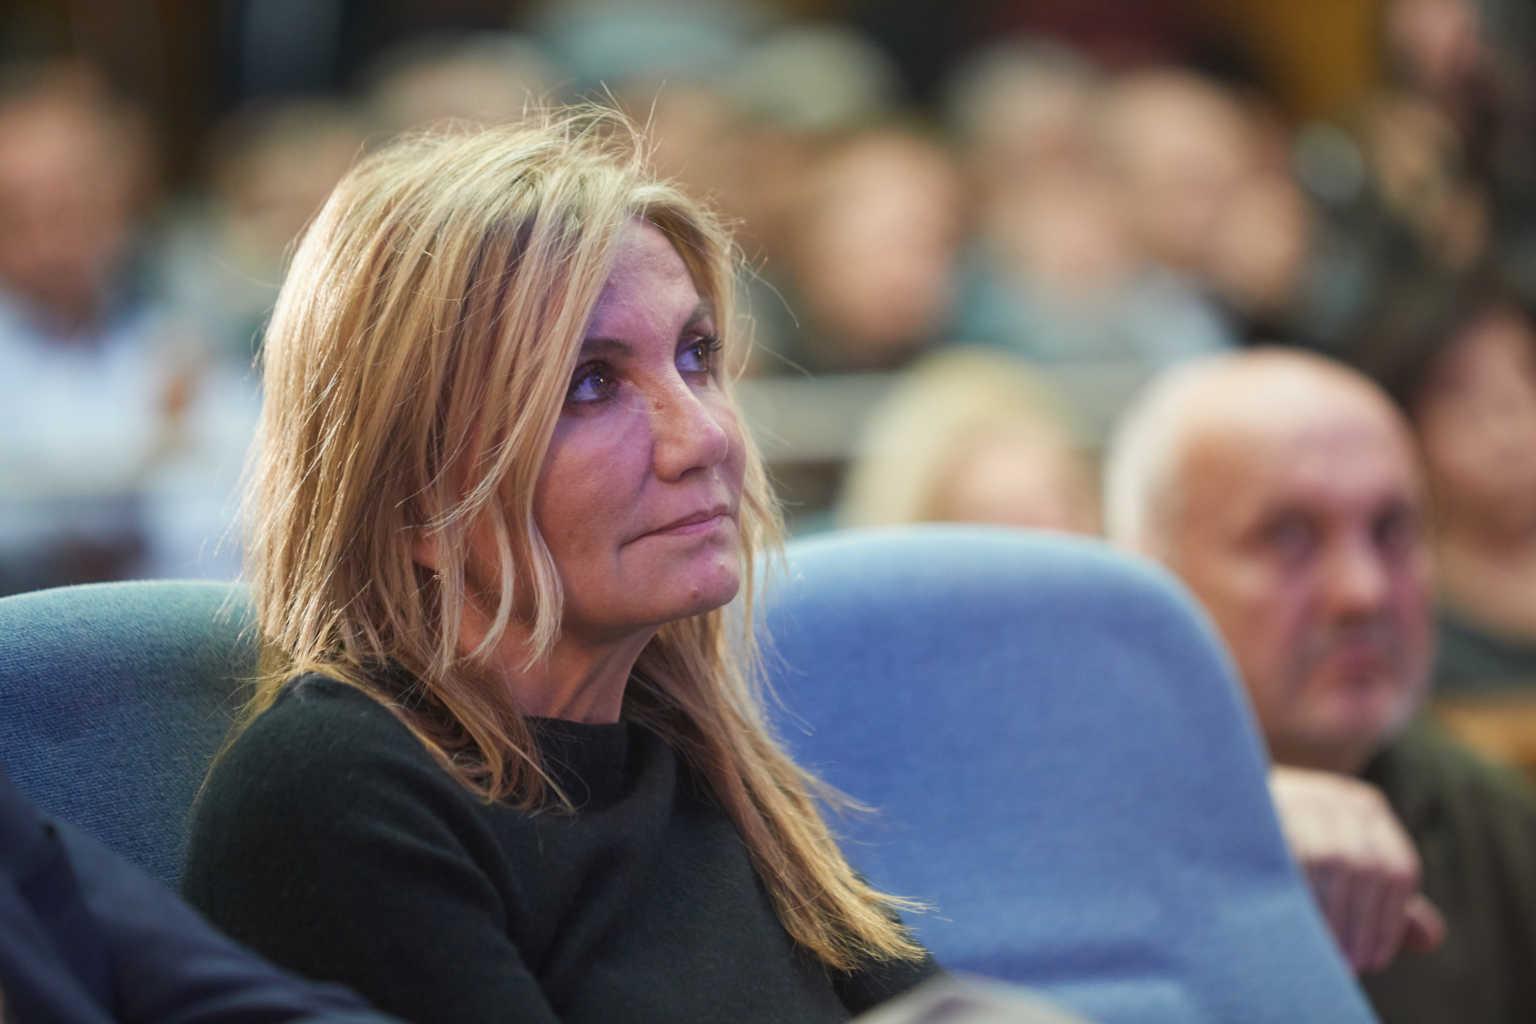 Μαρέβα Γκραμπόβσκι: «Ουδεμία σχέση είχα ή έχω με το e-food – Τα υπόλοιπα στη Δικαιοσύνη»